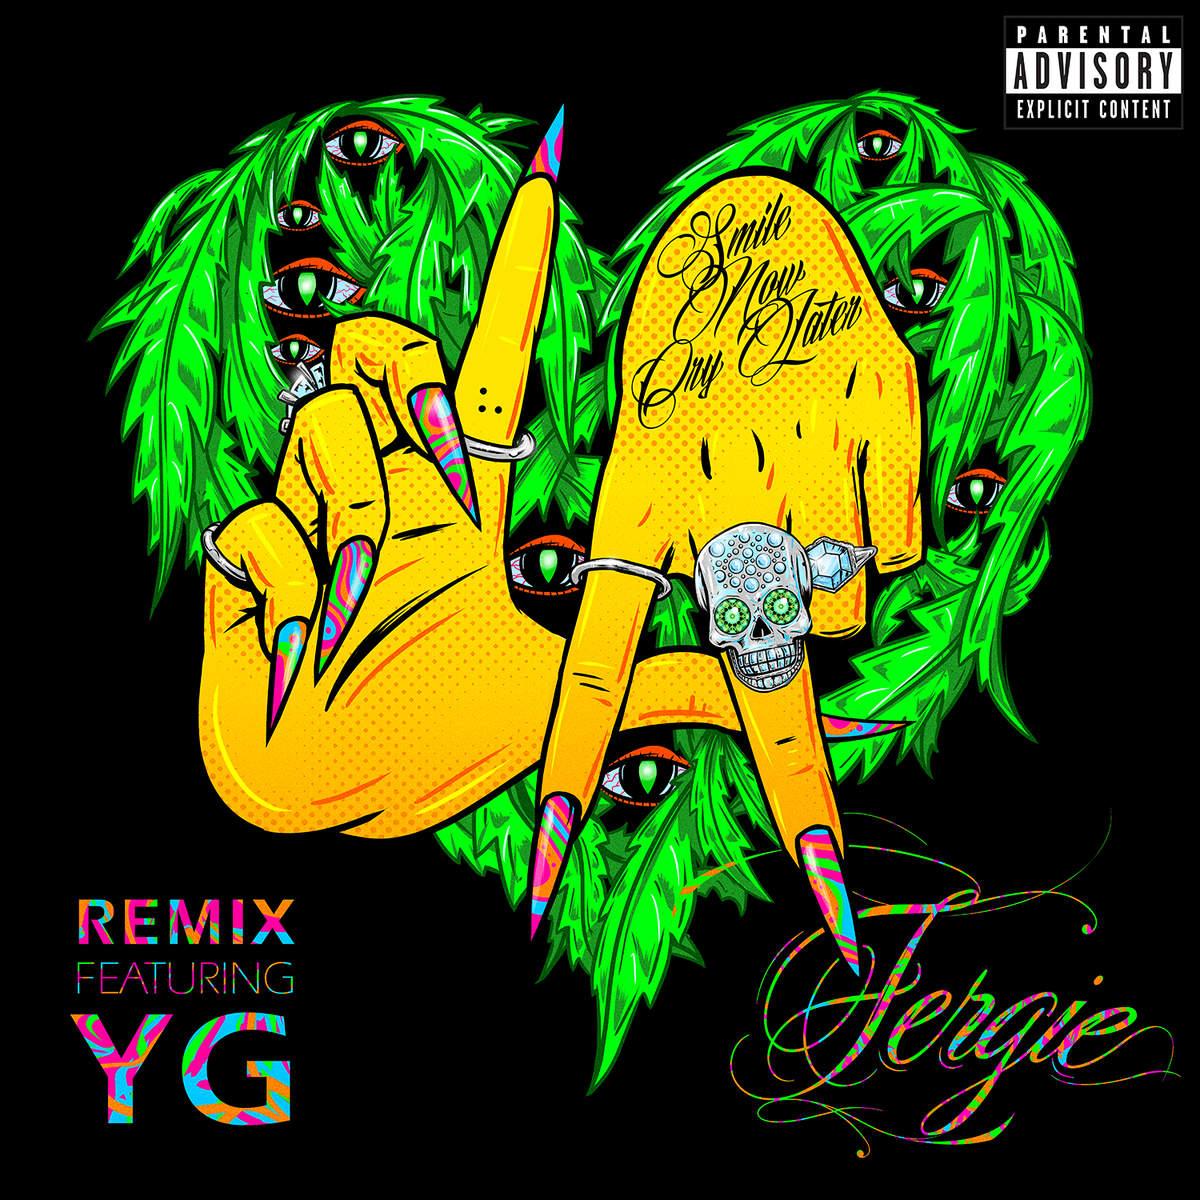 L.A.LOVE (la la) [Remix] [feat. YG] - Single